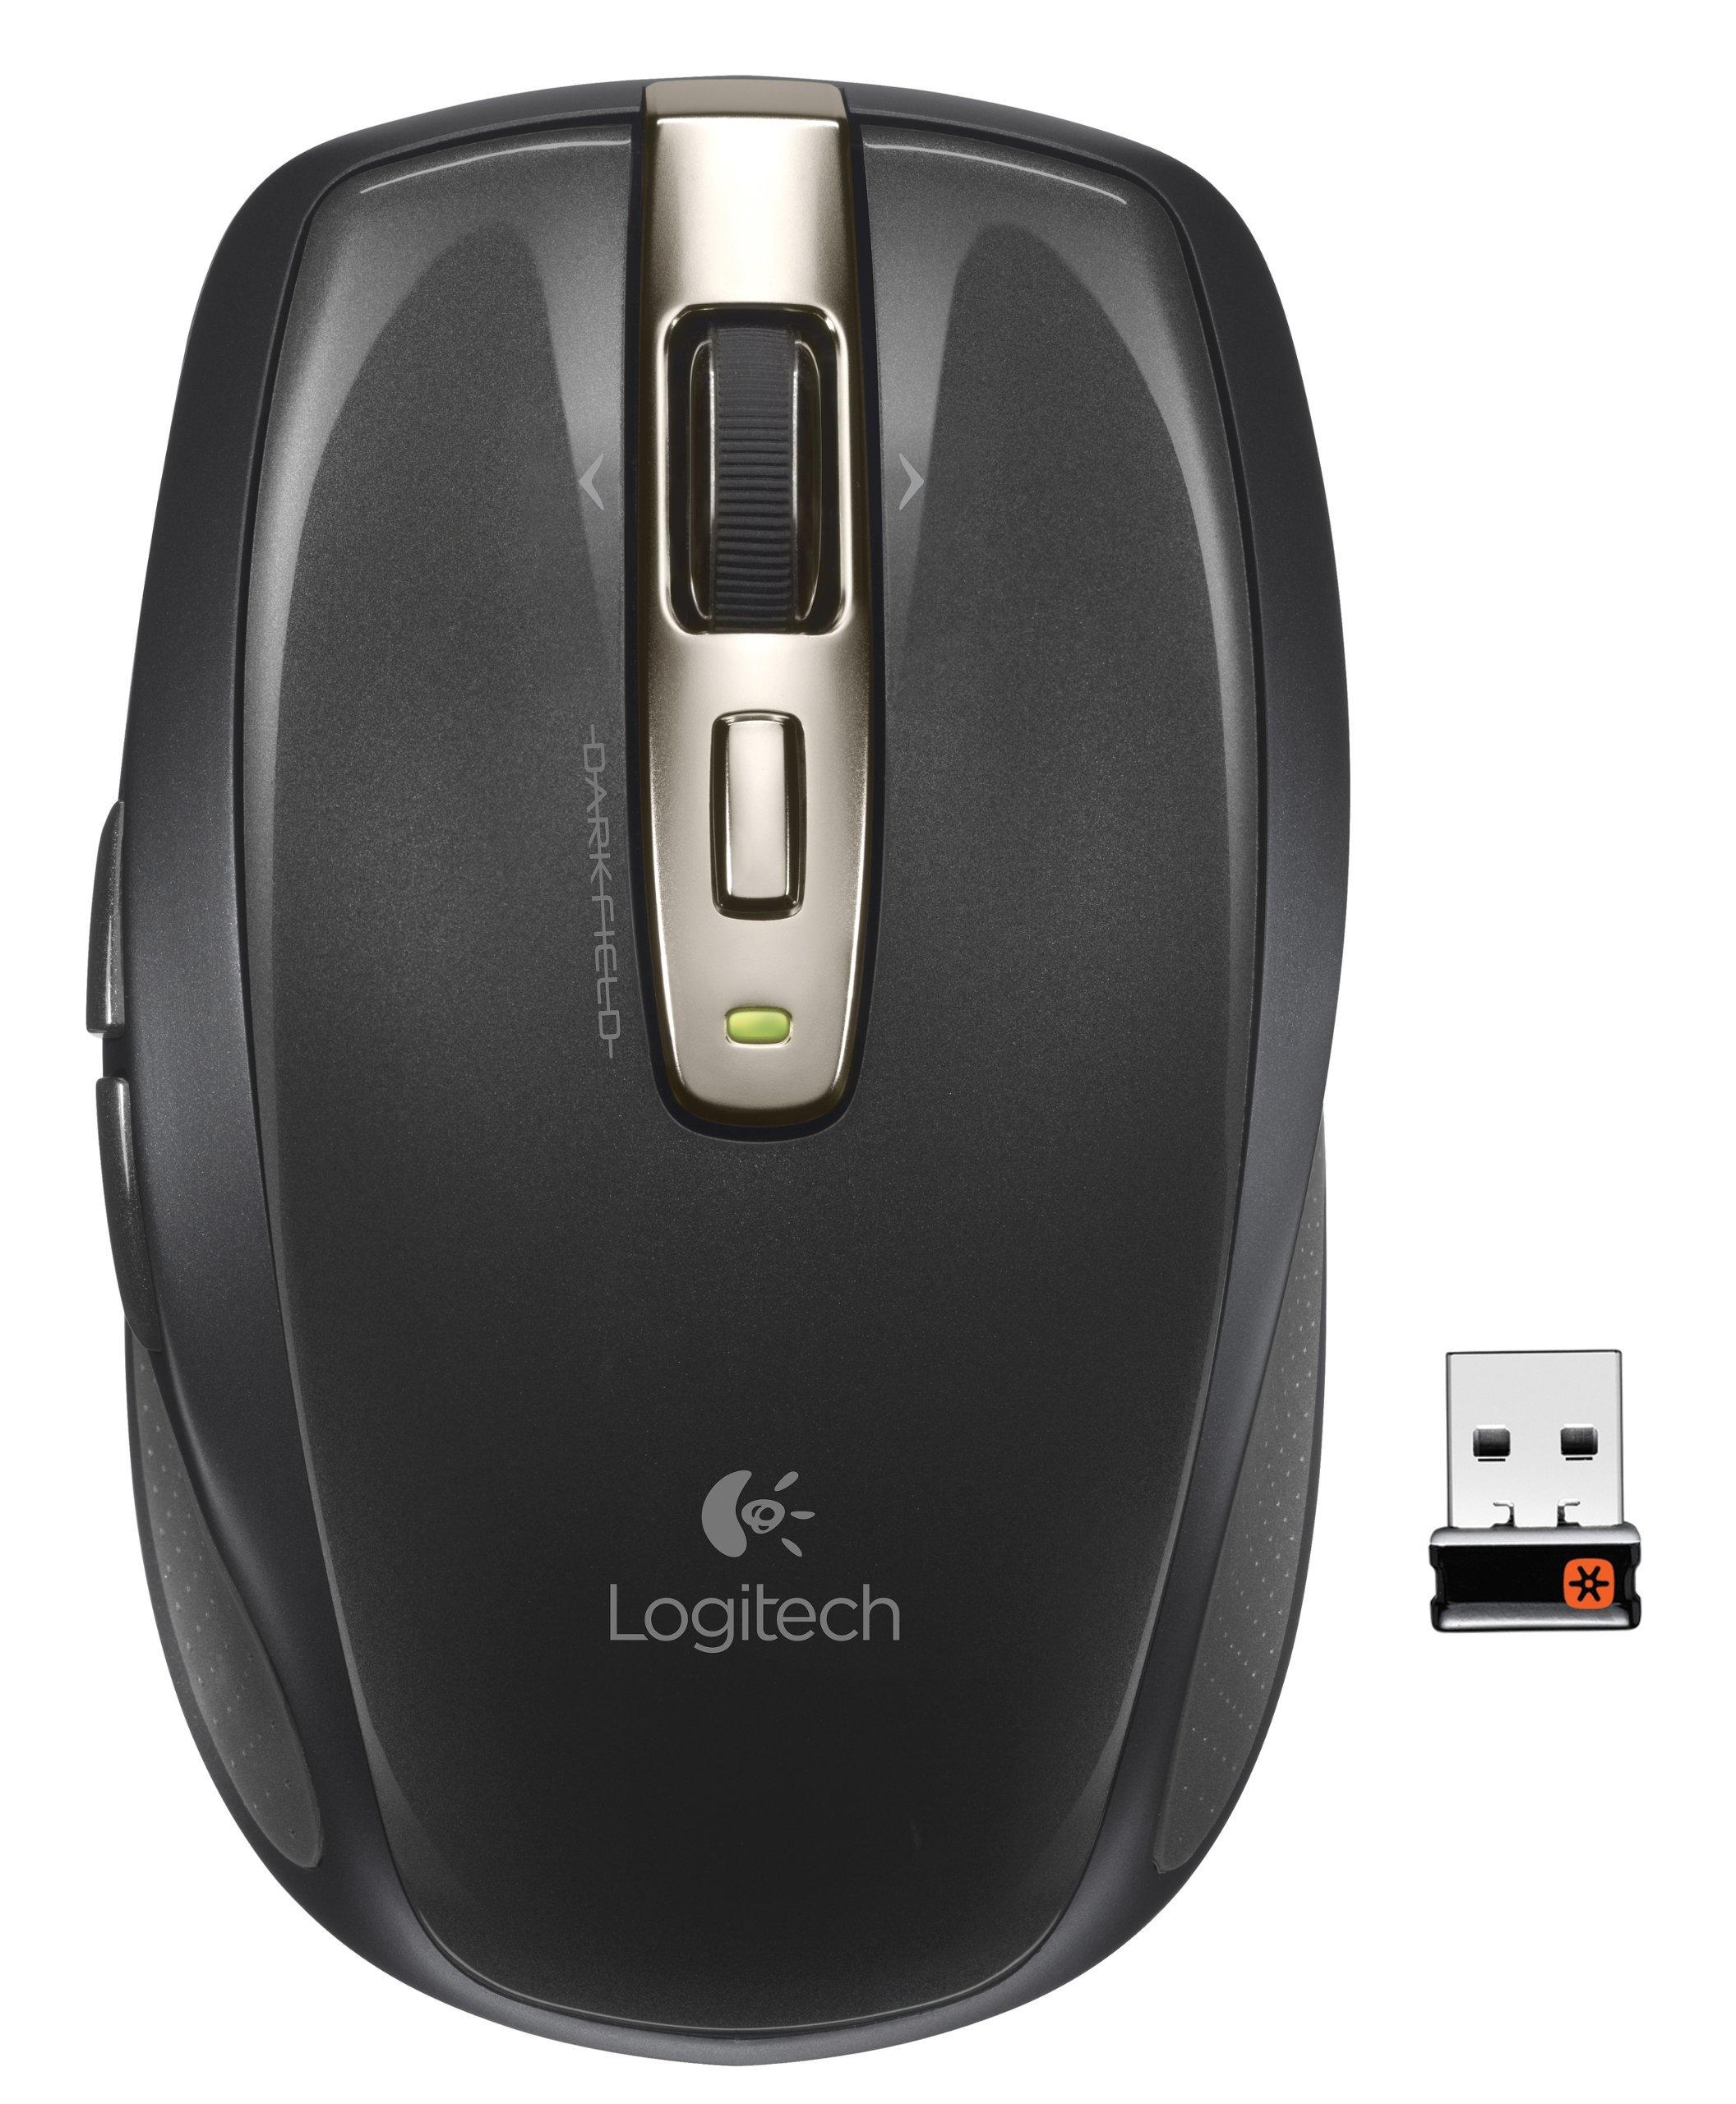 mouse (4Q4A)